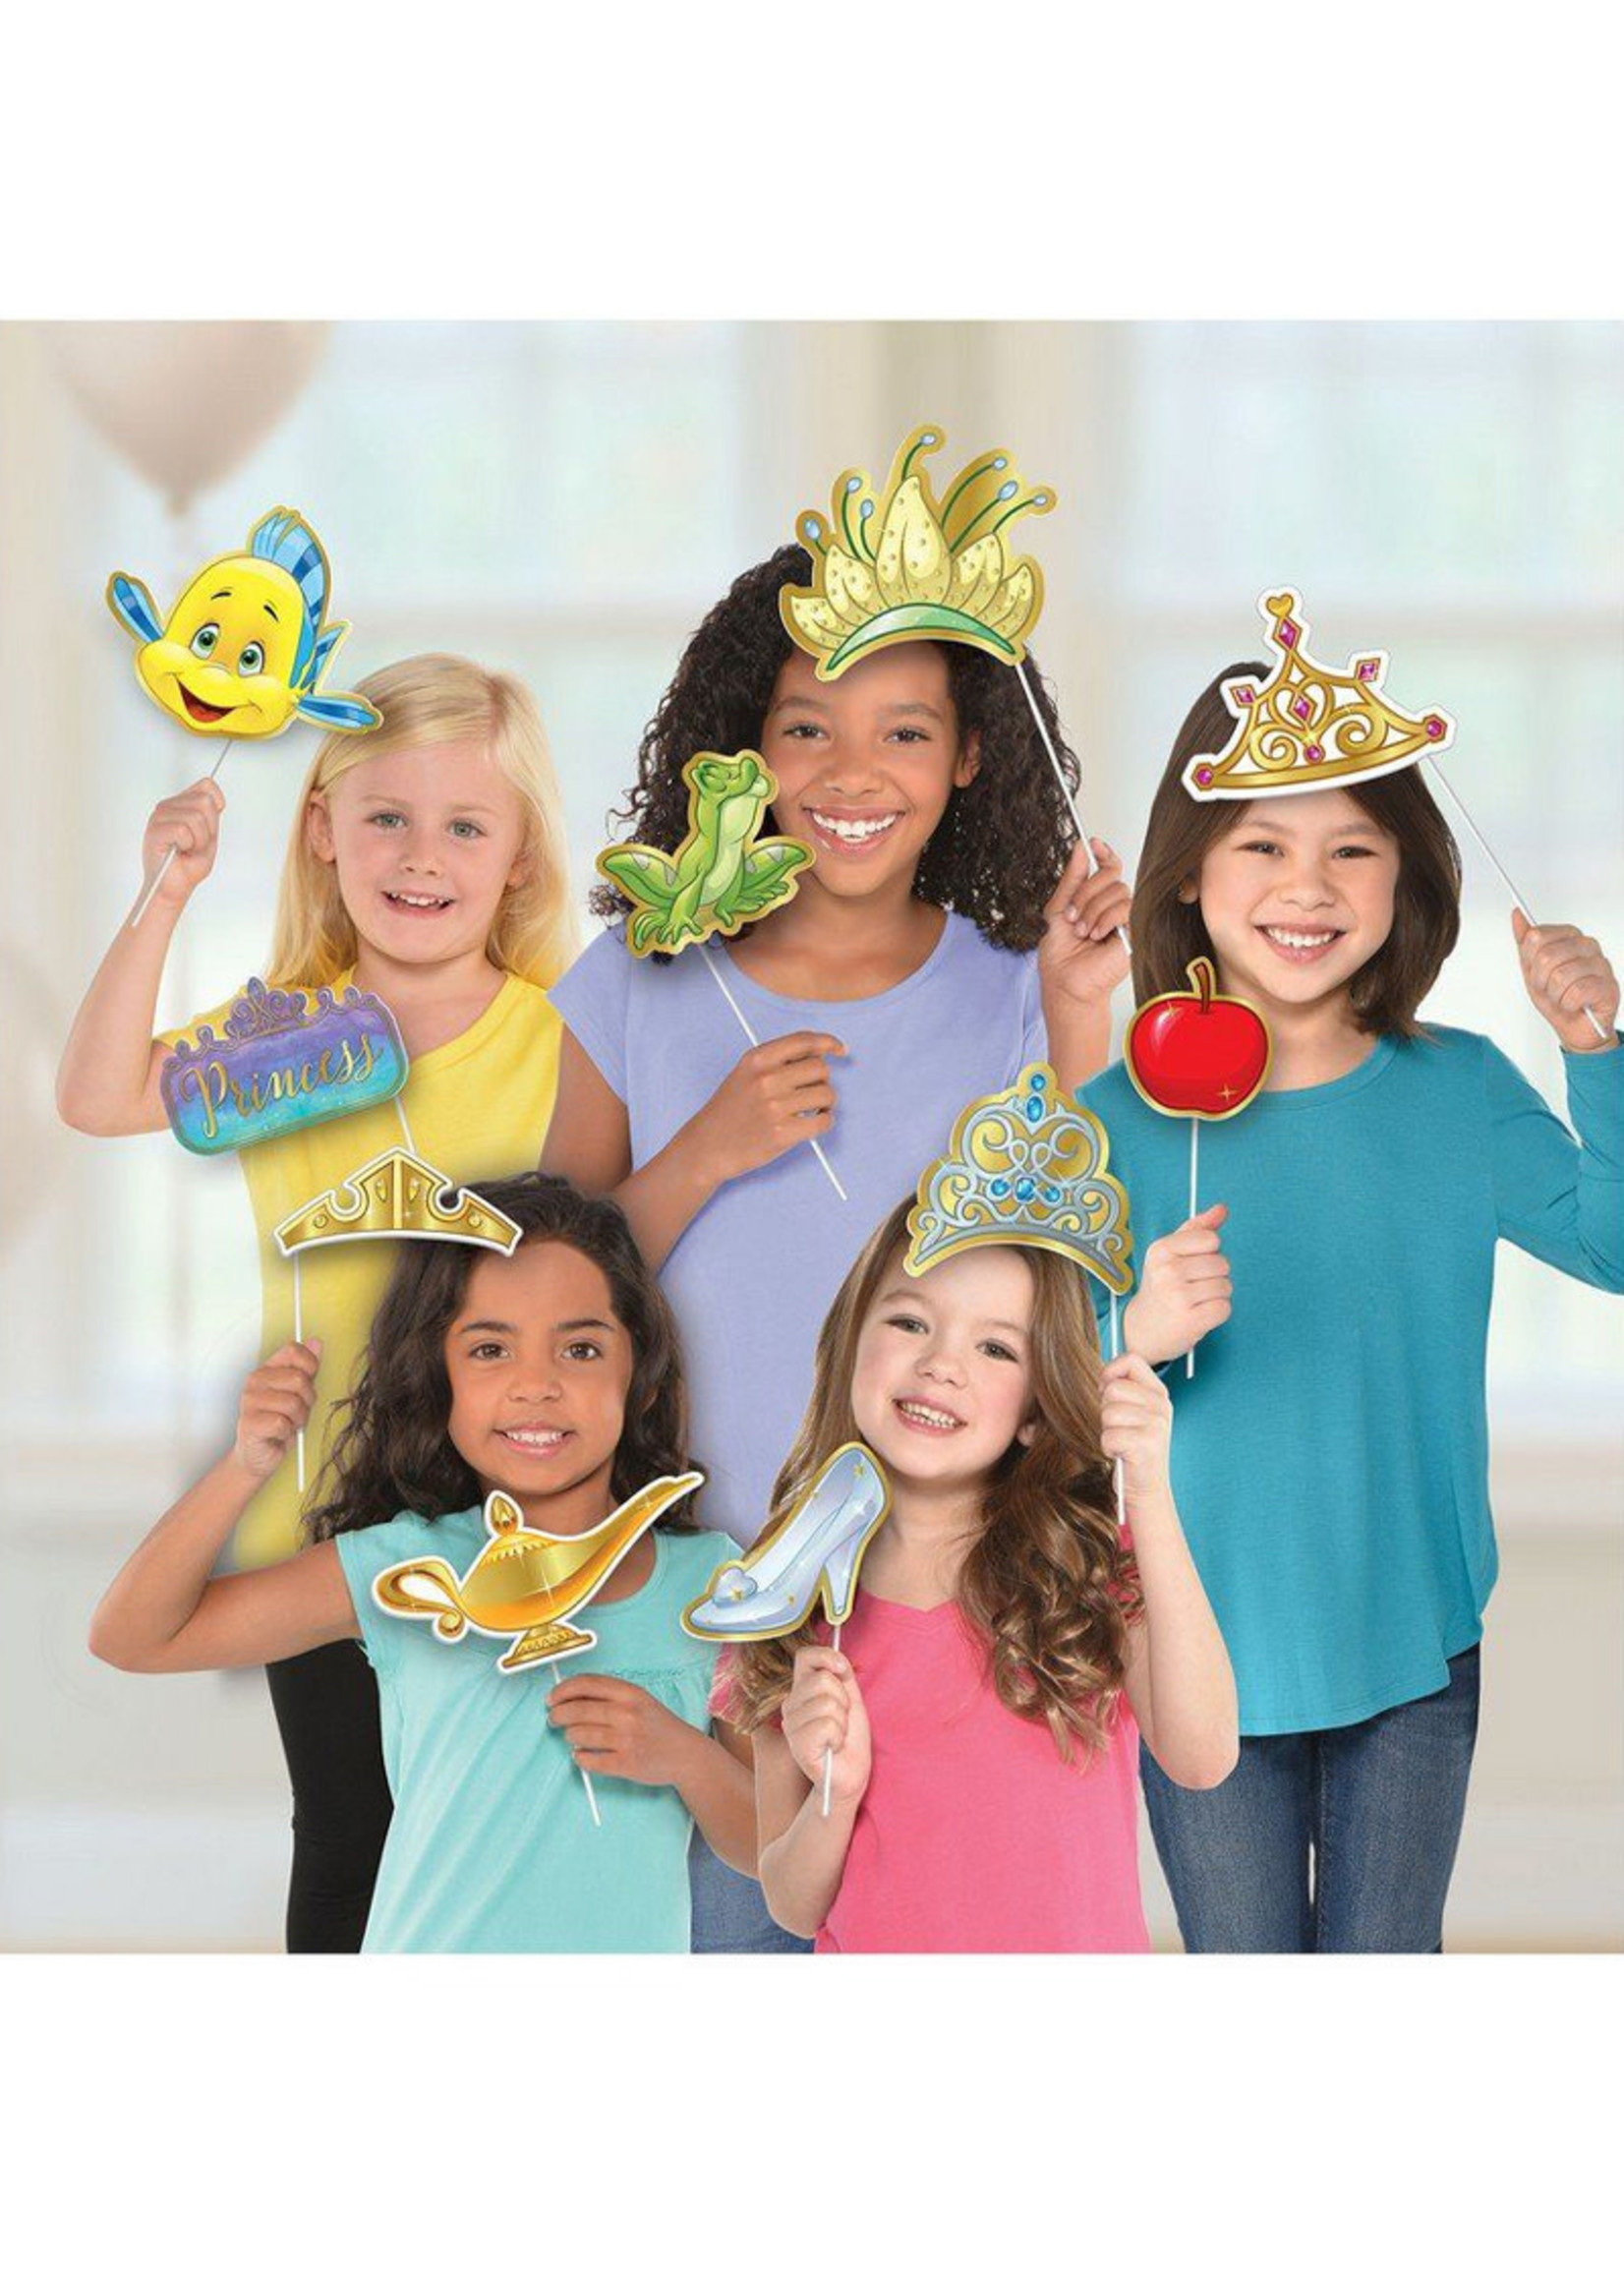 Disney Princess Once Upon A Time Photo Prop Kit